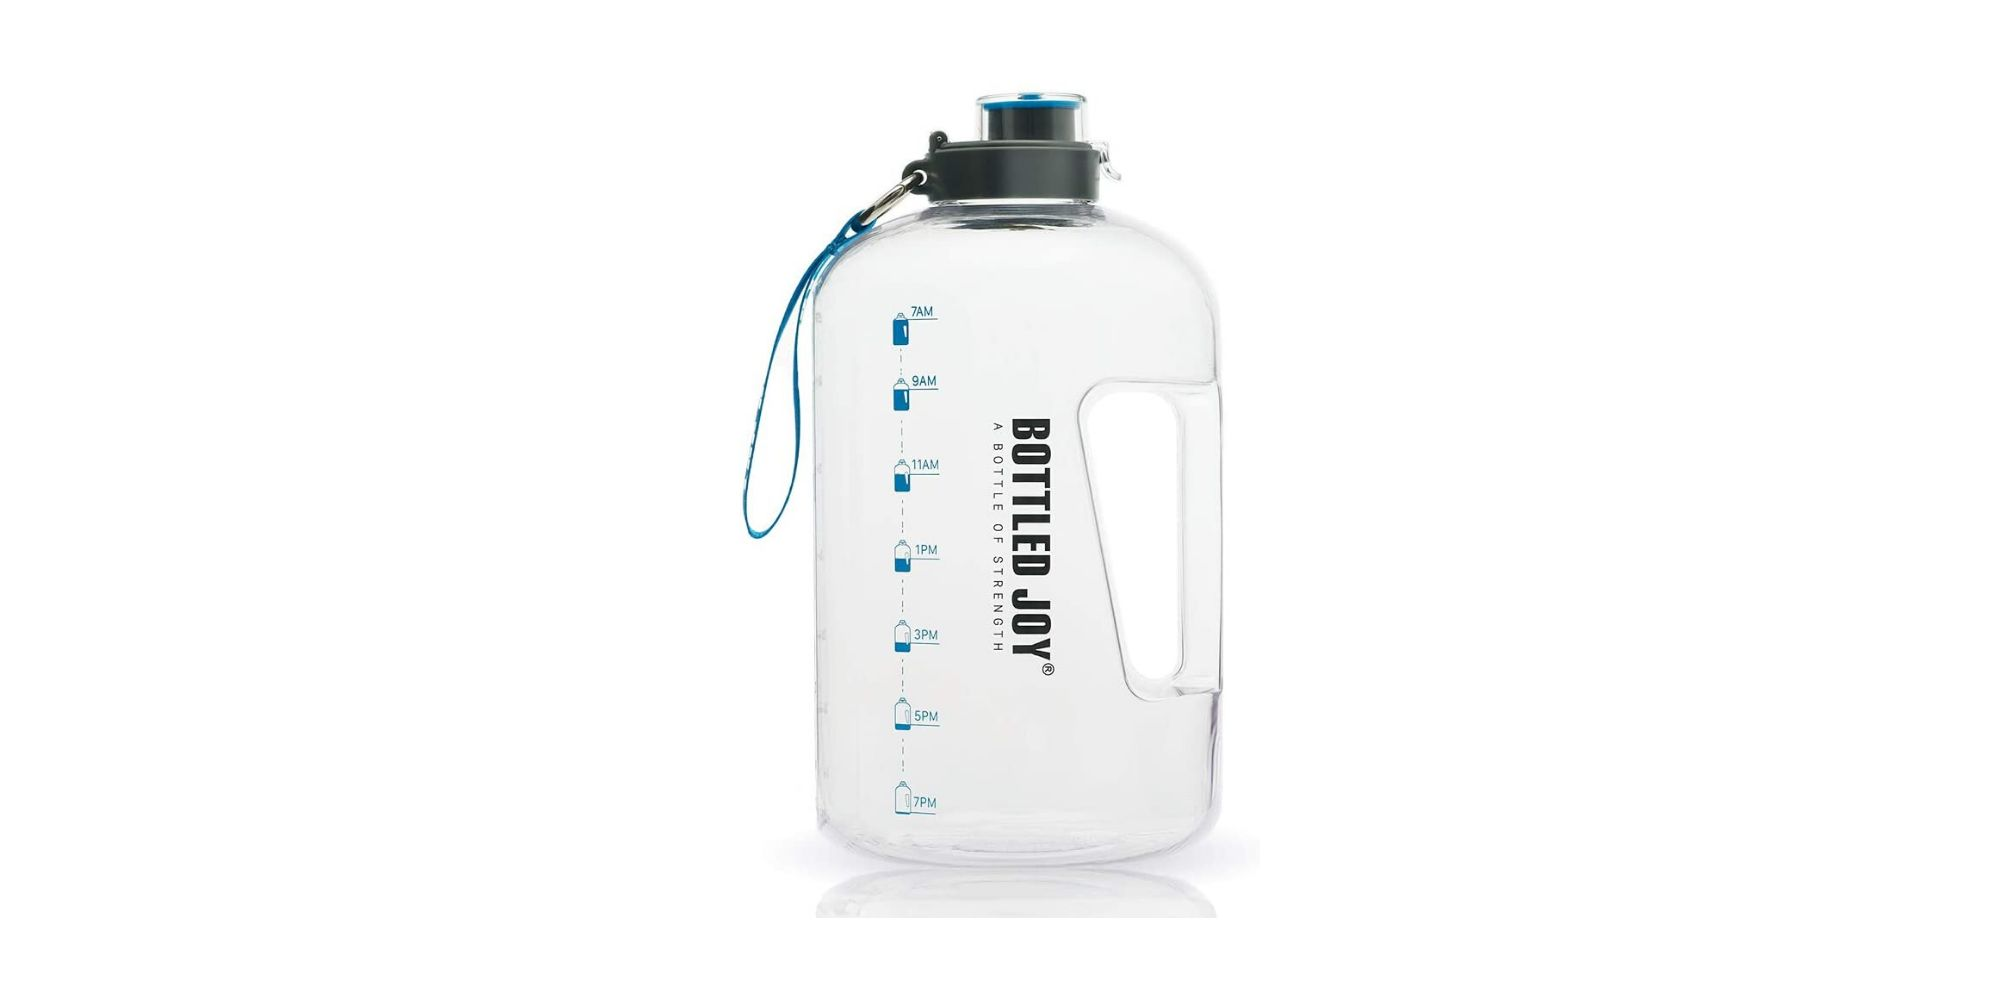 1 gallon BPA-free water bottle